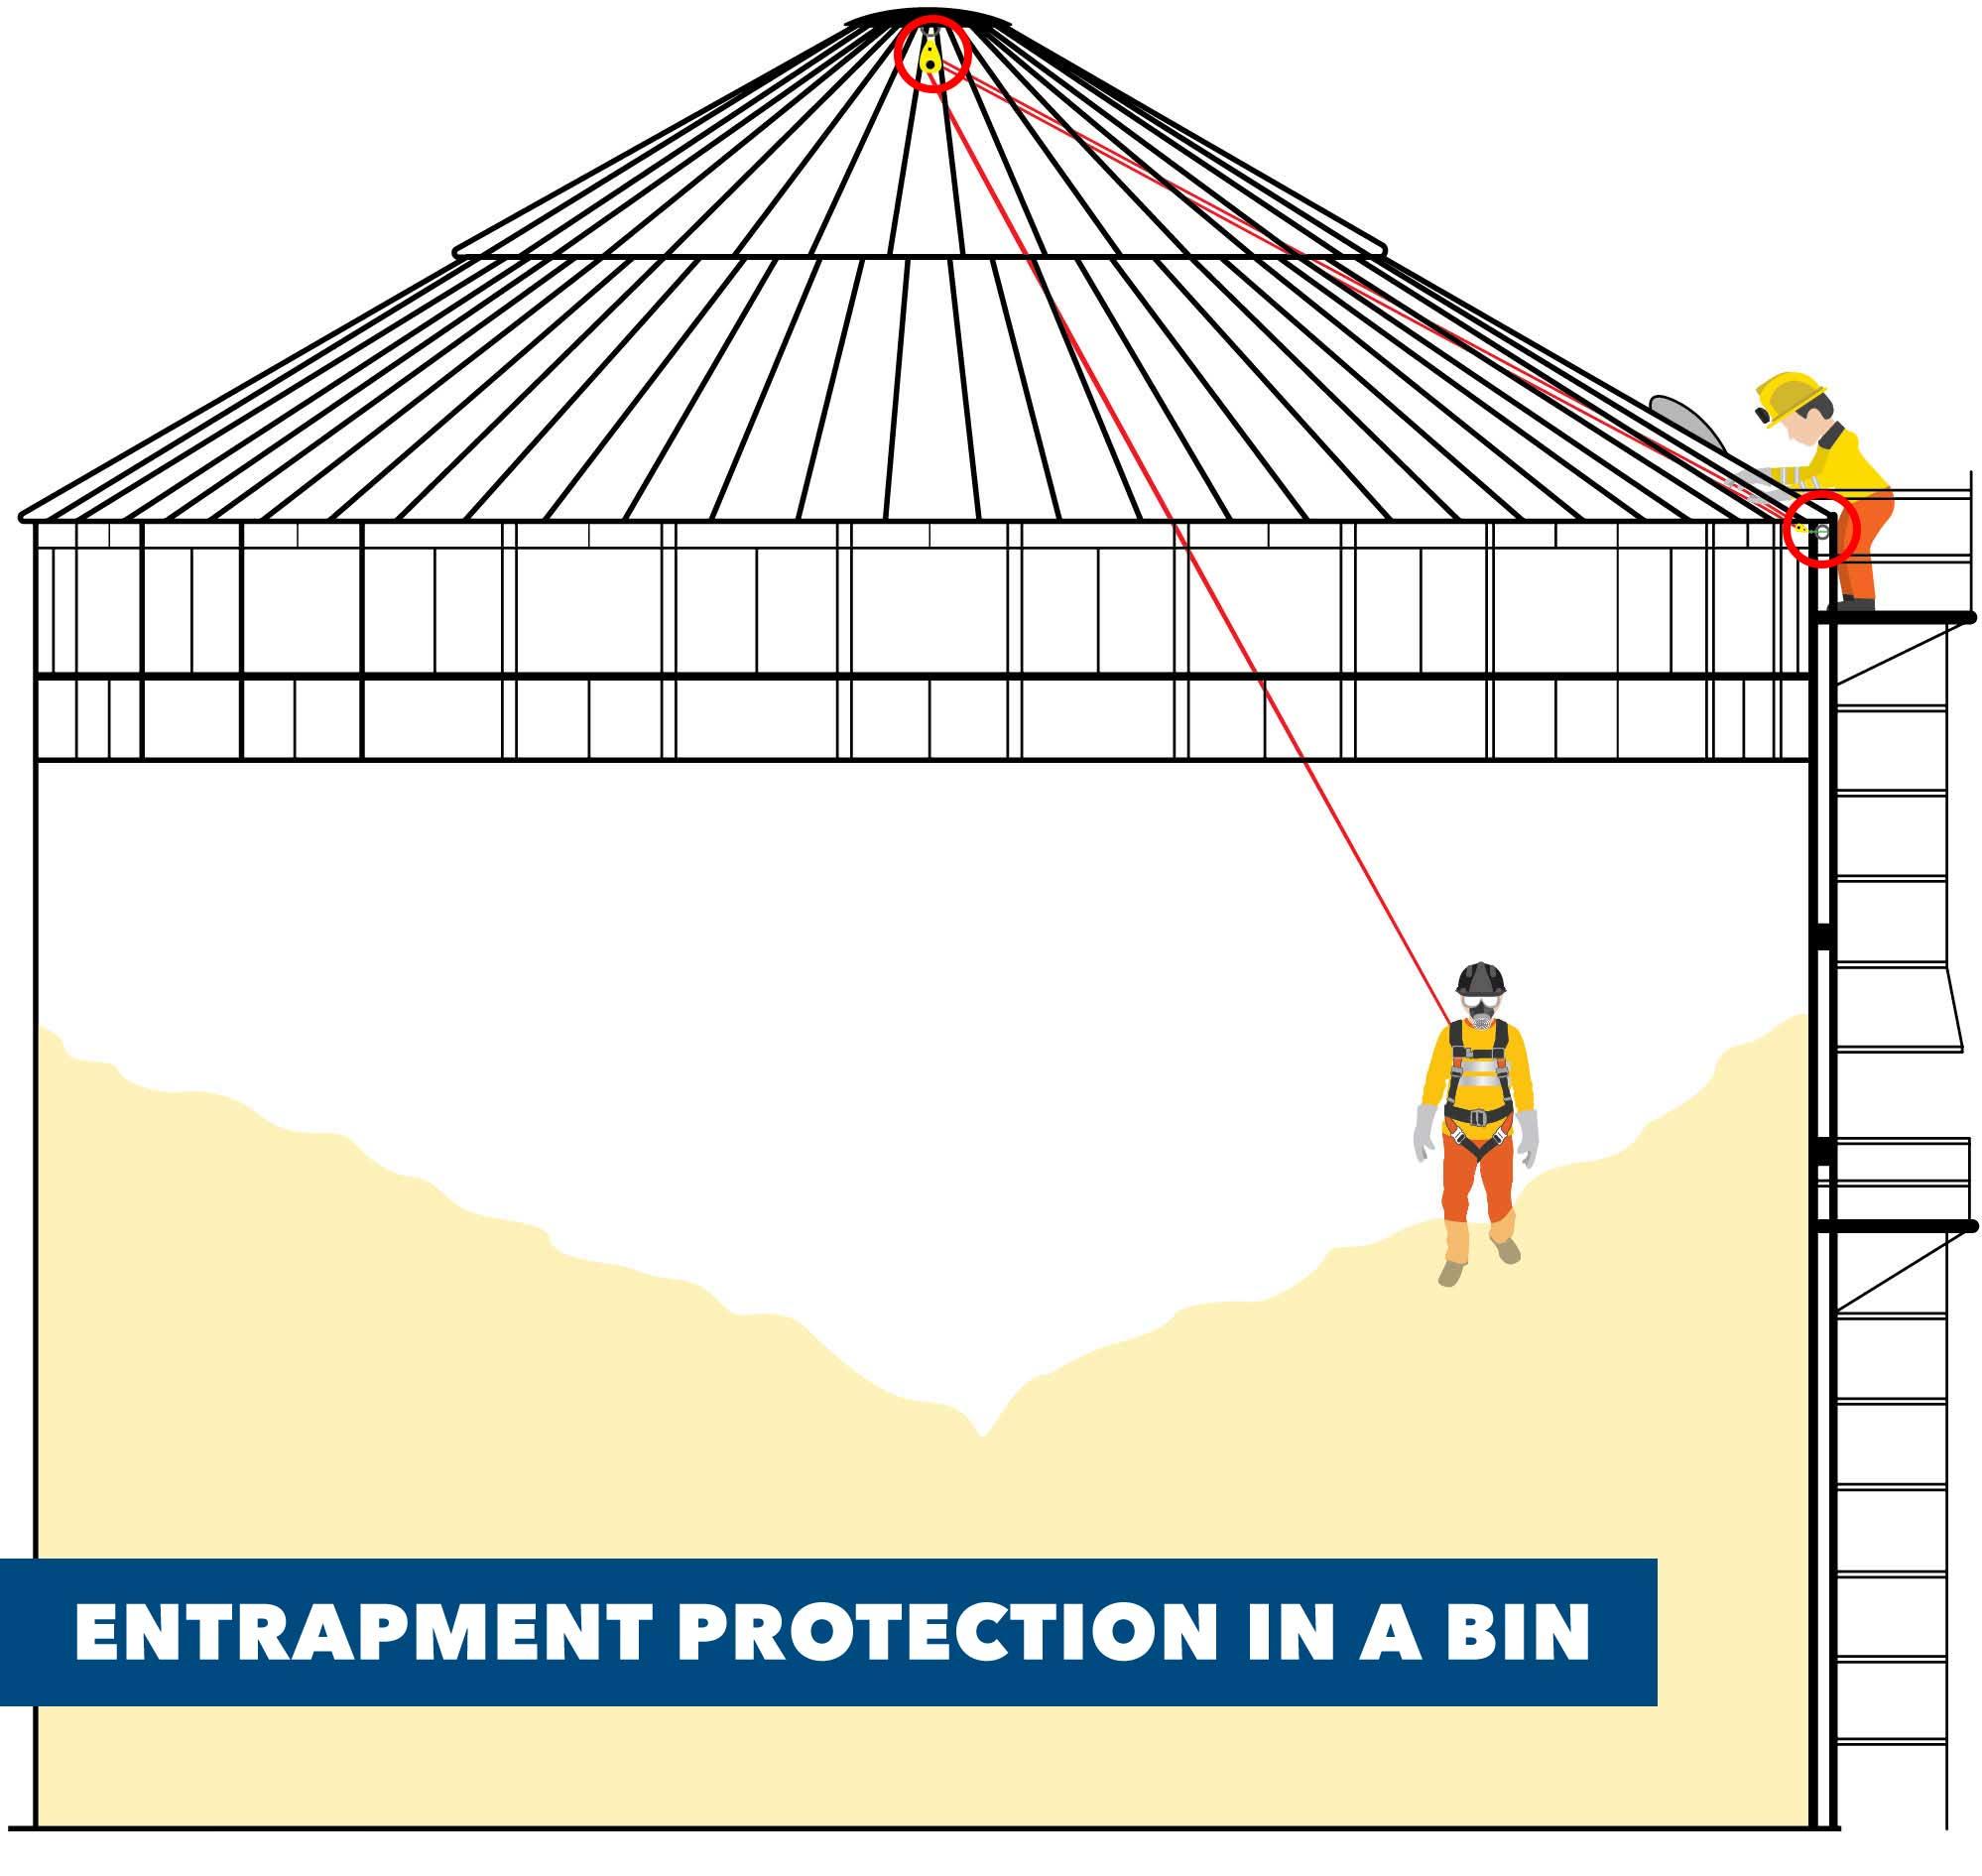 SCAFCO Grain Bin Entrapment Prevention